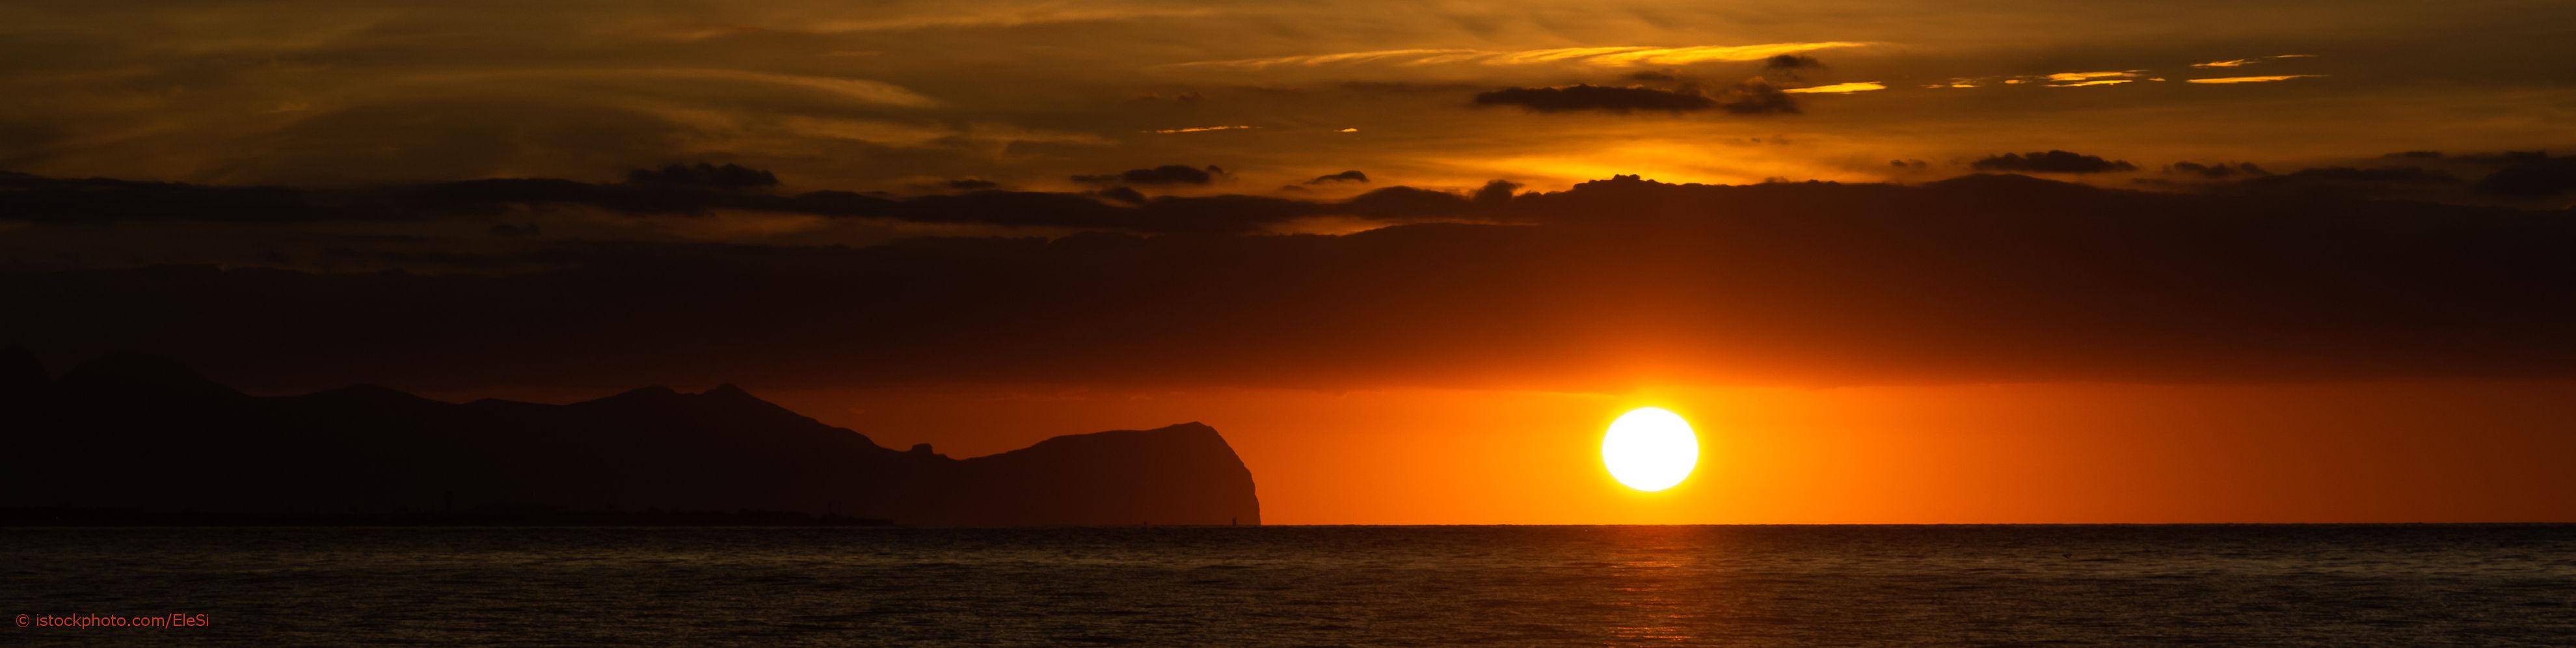 Entspannung für die Seele kann auch ein Sonnenuntergang am Strand auf Sizilien sein.